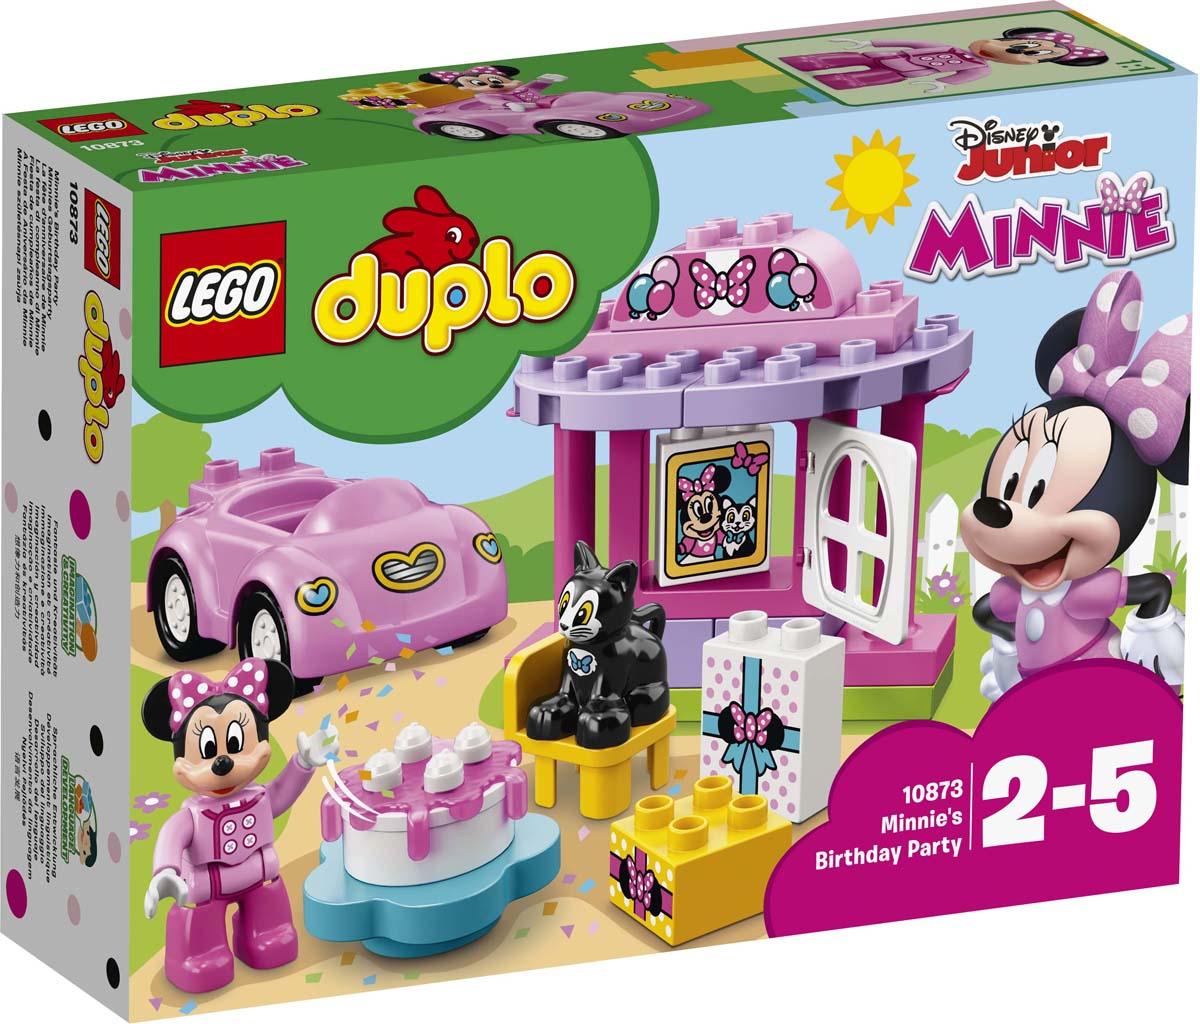 LEGO DUPLO Disney Конструктор День рождения Минни 10873 disney аппликация пайетками самой модной минни маус